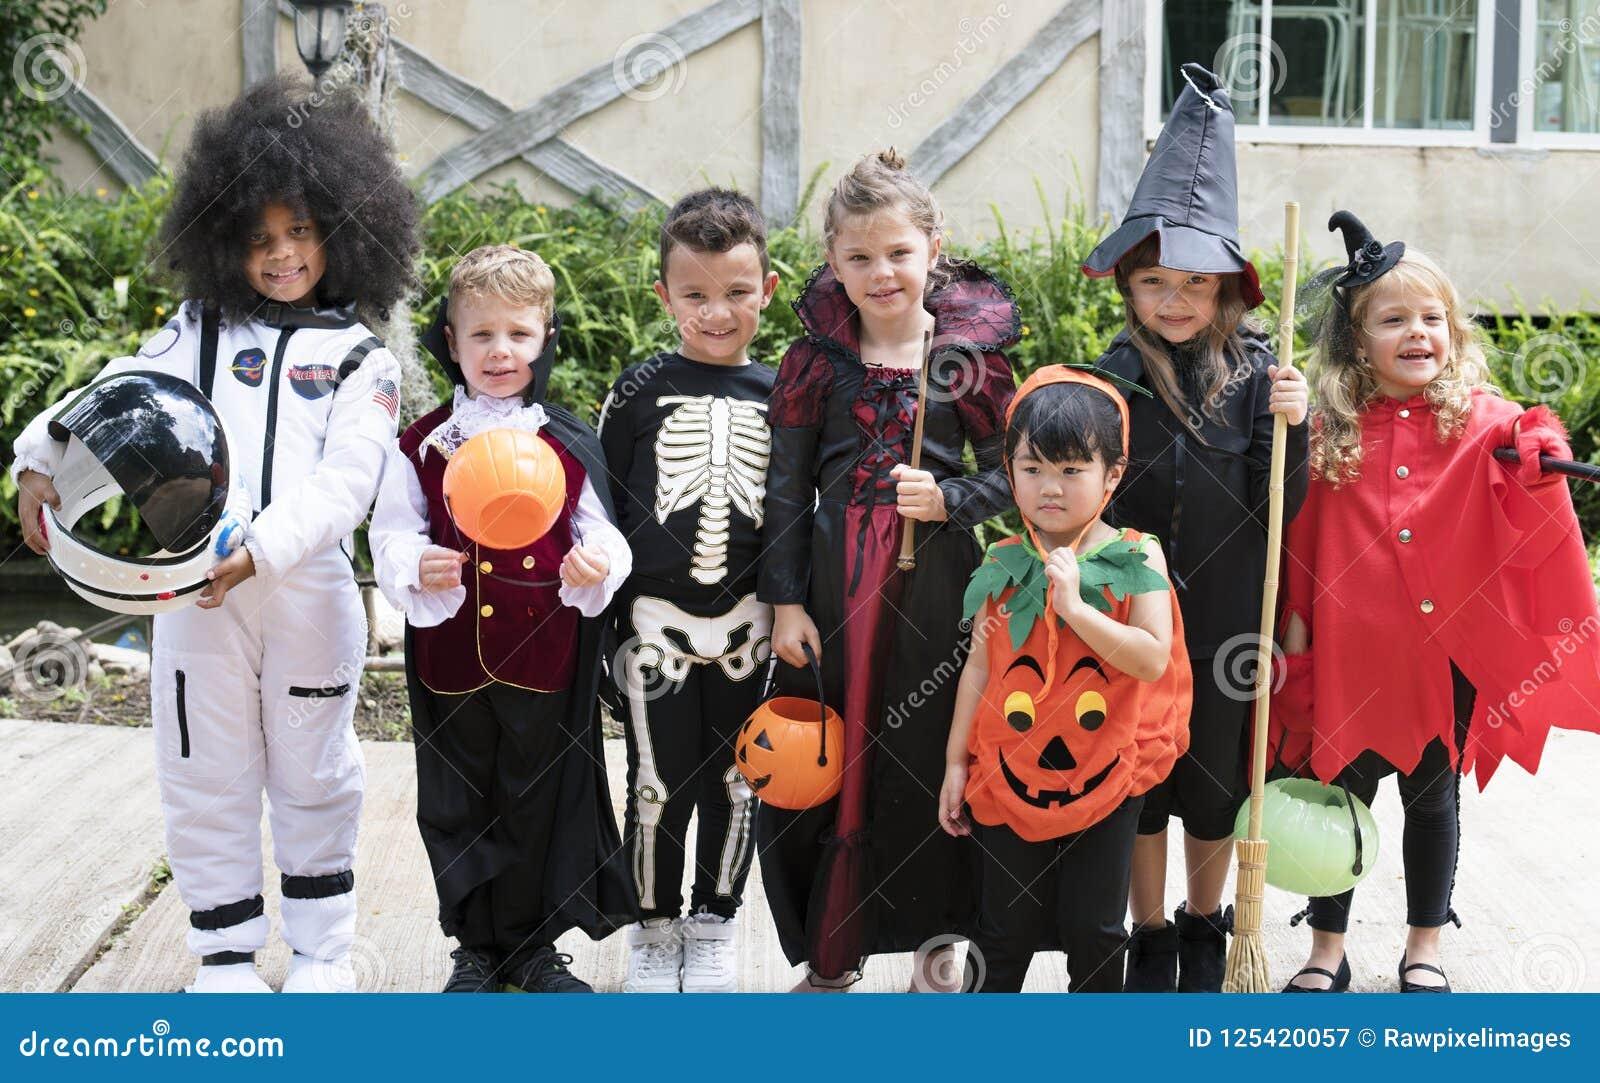 Różnorodni dzieciaki w Halloweenowych kostiumach